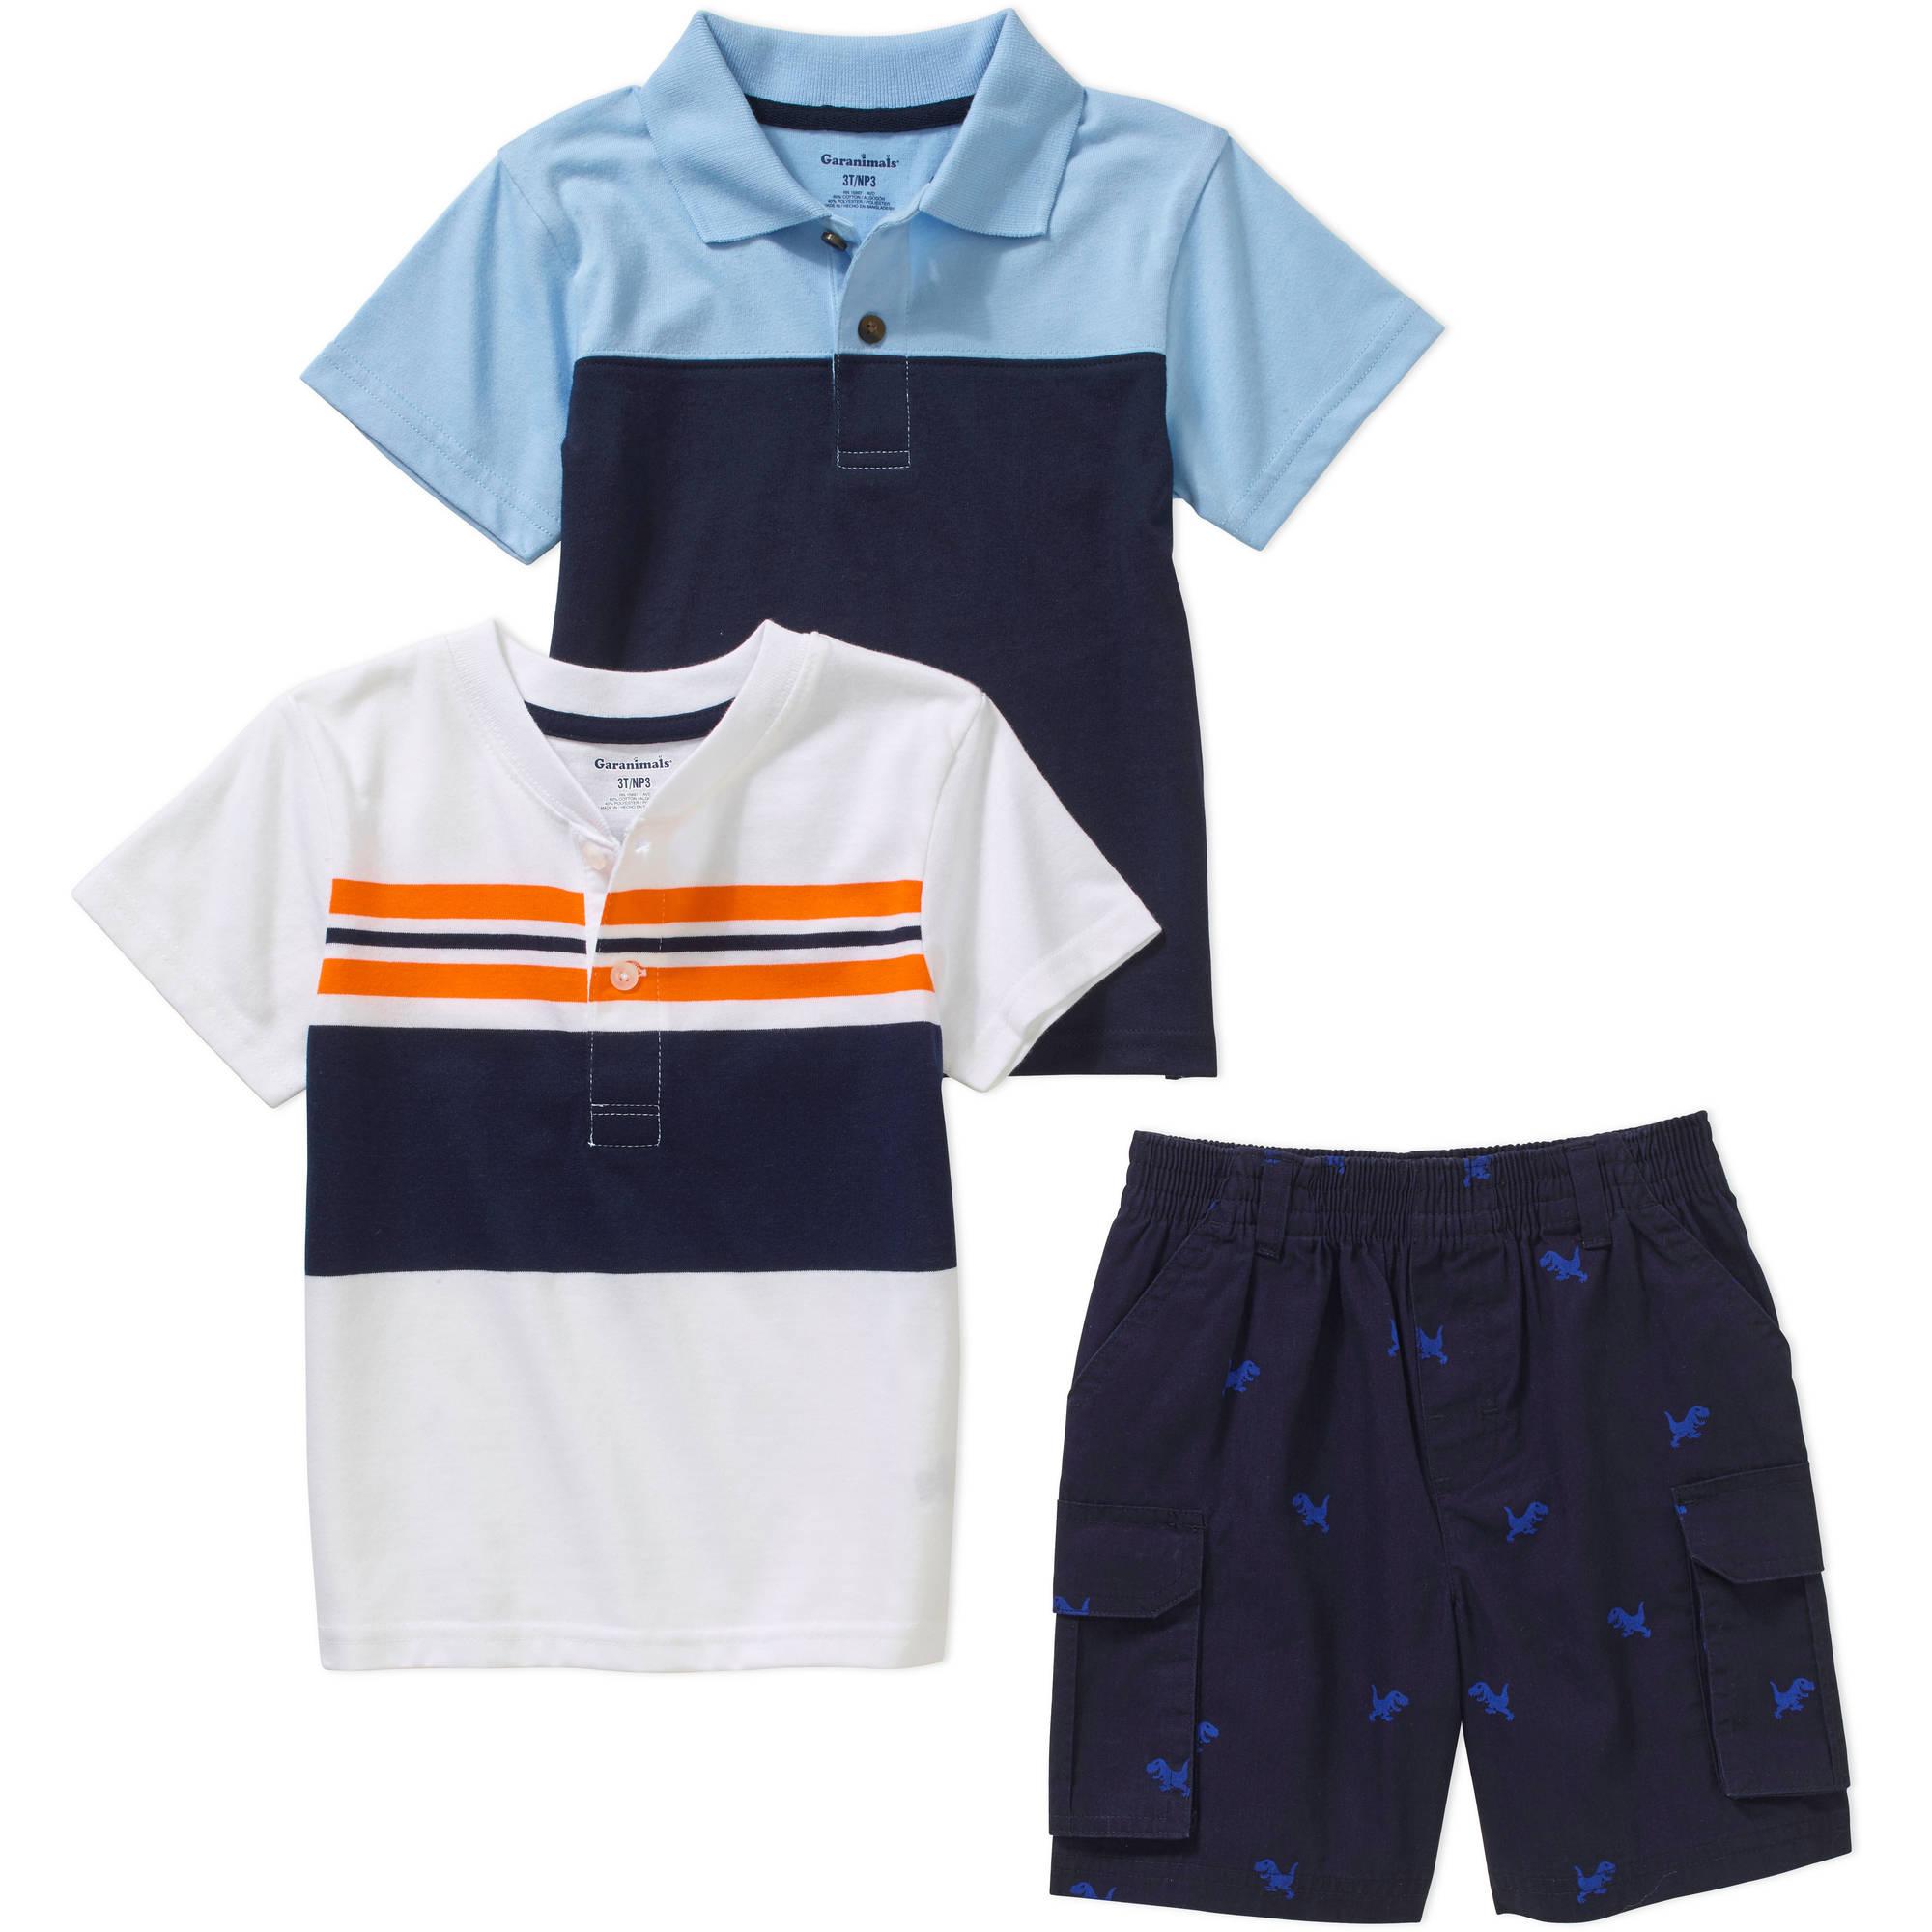 Garanimals Baby Toddler Boy Short Sleeve Polo, Henley Tee, & Cargo Shorts 3 Piece Outfit Set